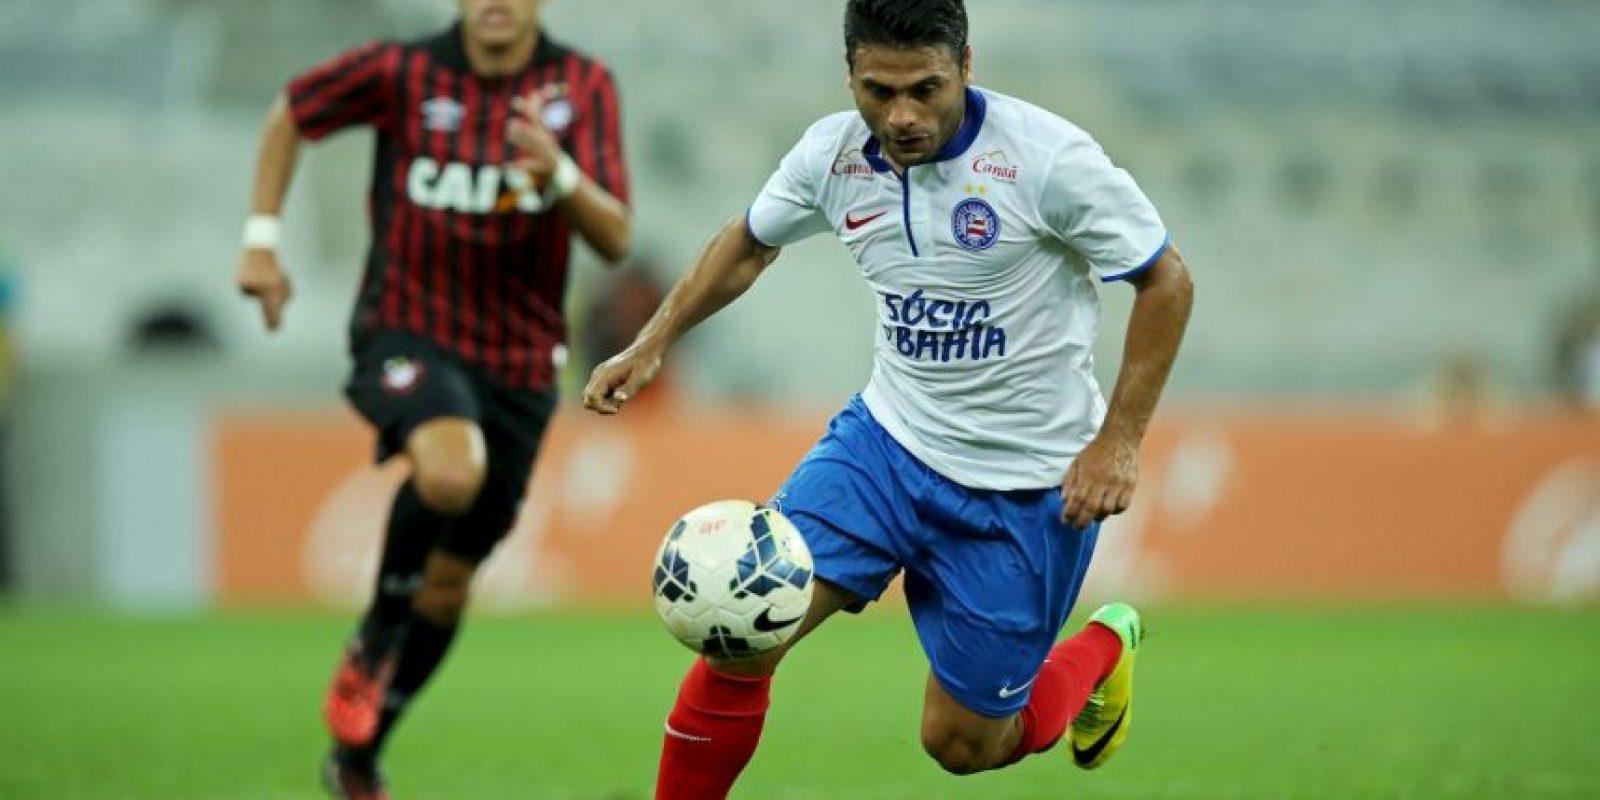 Los argentinos Emanuel y Maximiliano Bianccuchi son futbolistas profesionales. Foto:Getty Images